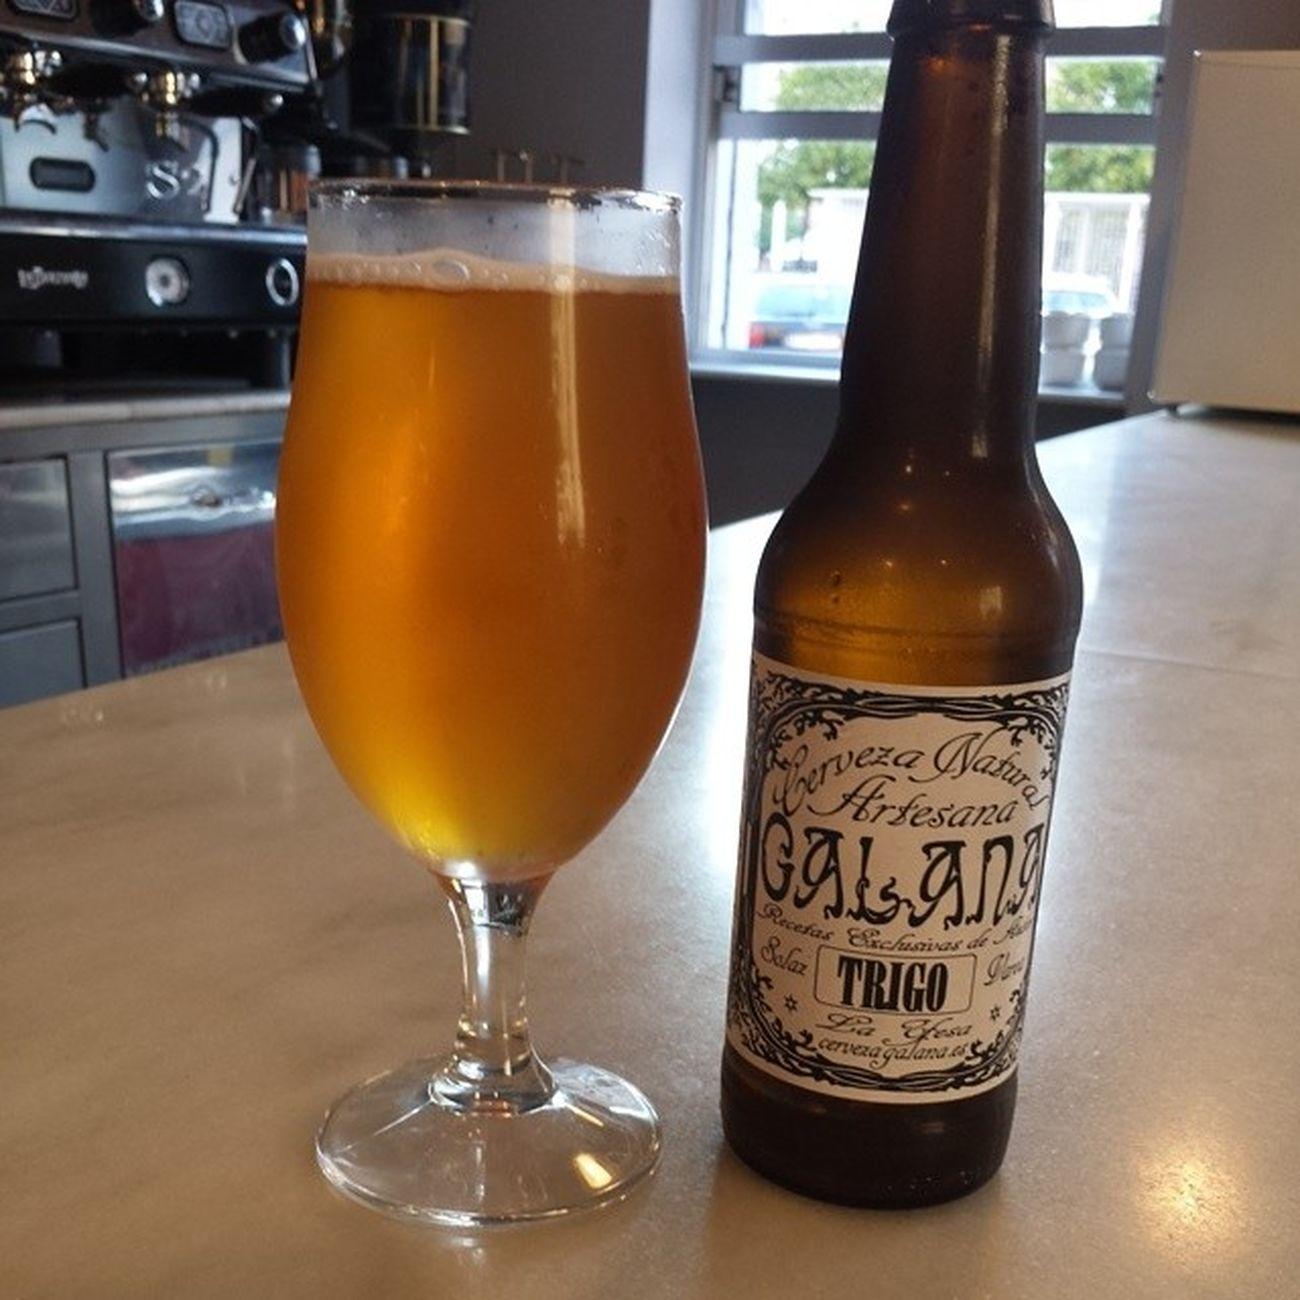 Cerveza natural artesana Galana de trigo